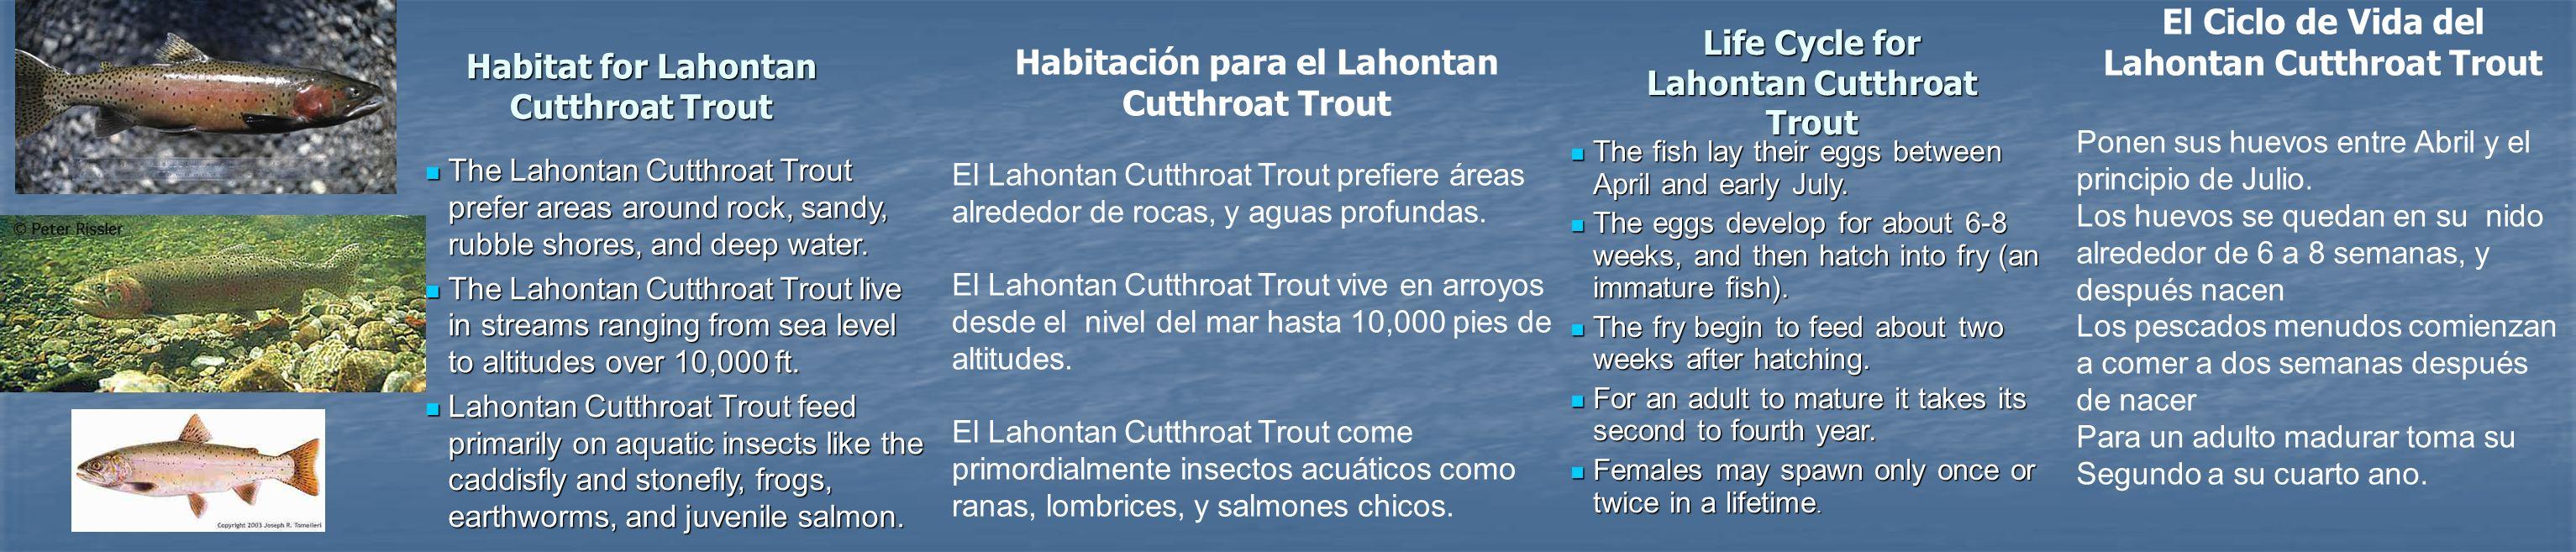 El Ciclo de Vida del Lahontan Cutthroat Trout